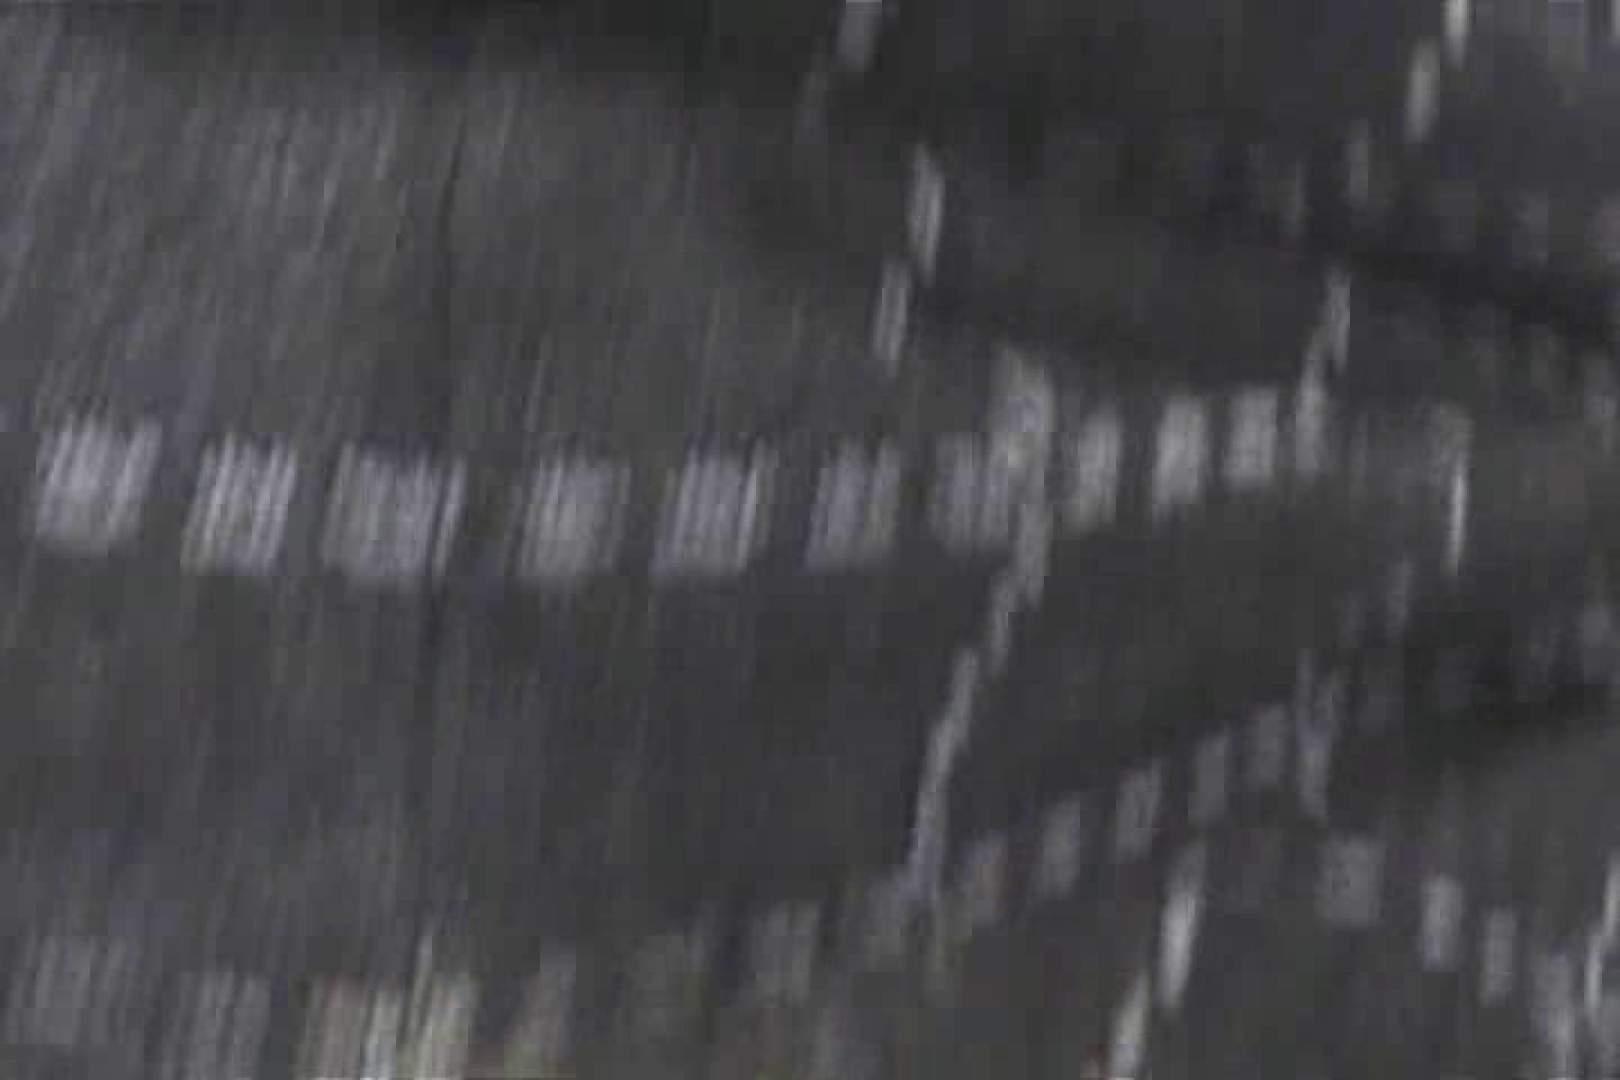 ぶっ掛け電車 只今運行中Vol.2 マンコ無修正 | 車  110画像 85